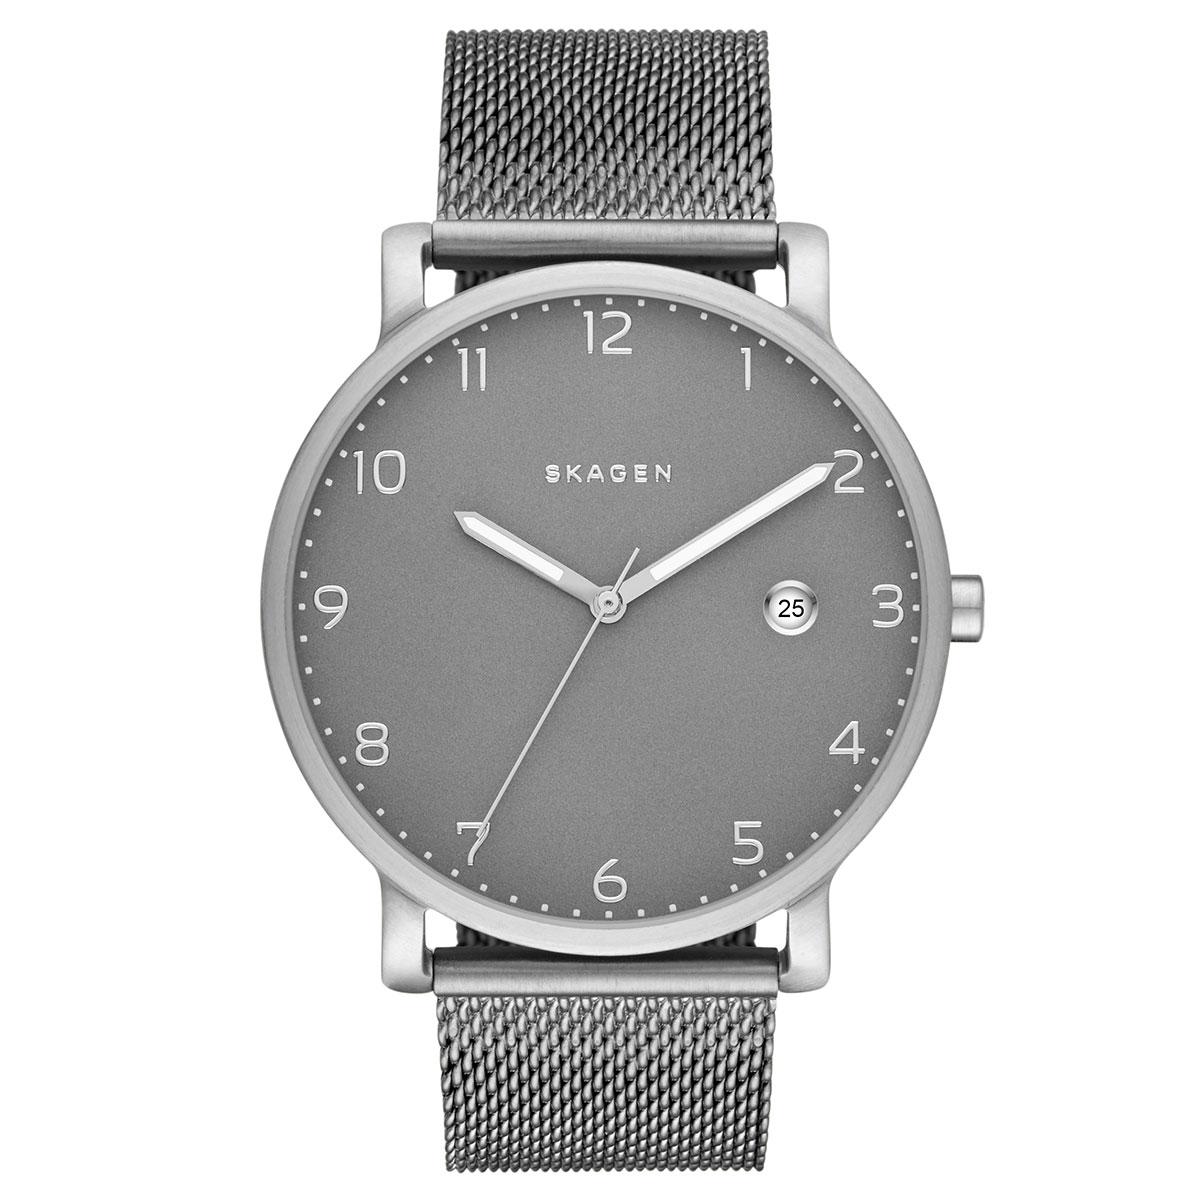 ساعت مچی عقربه ای مردانه اسکاژن دانمارک مدل SKW6307